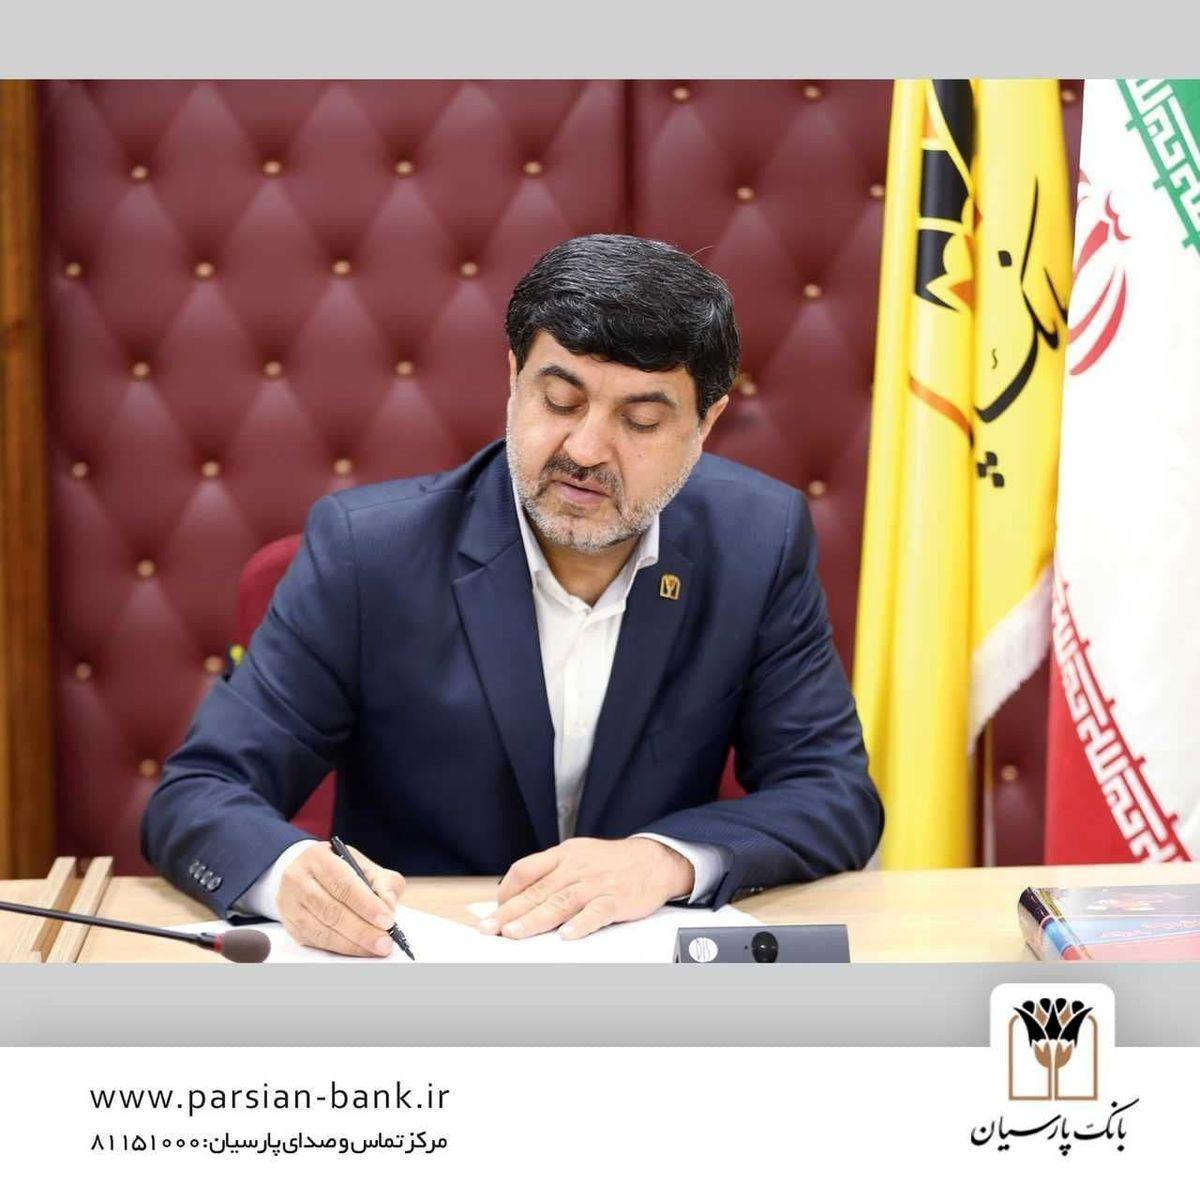 پیام تبریک رئیس کانون بانک های خصوصی و مدیرعامل بانک پارسیان به مناسبت روز خبرنگار